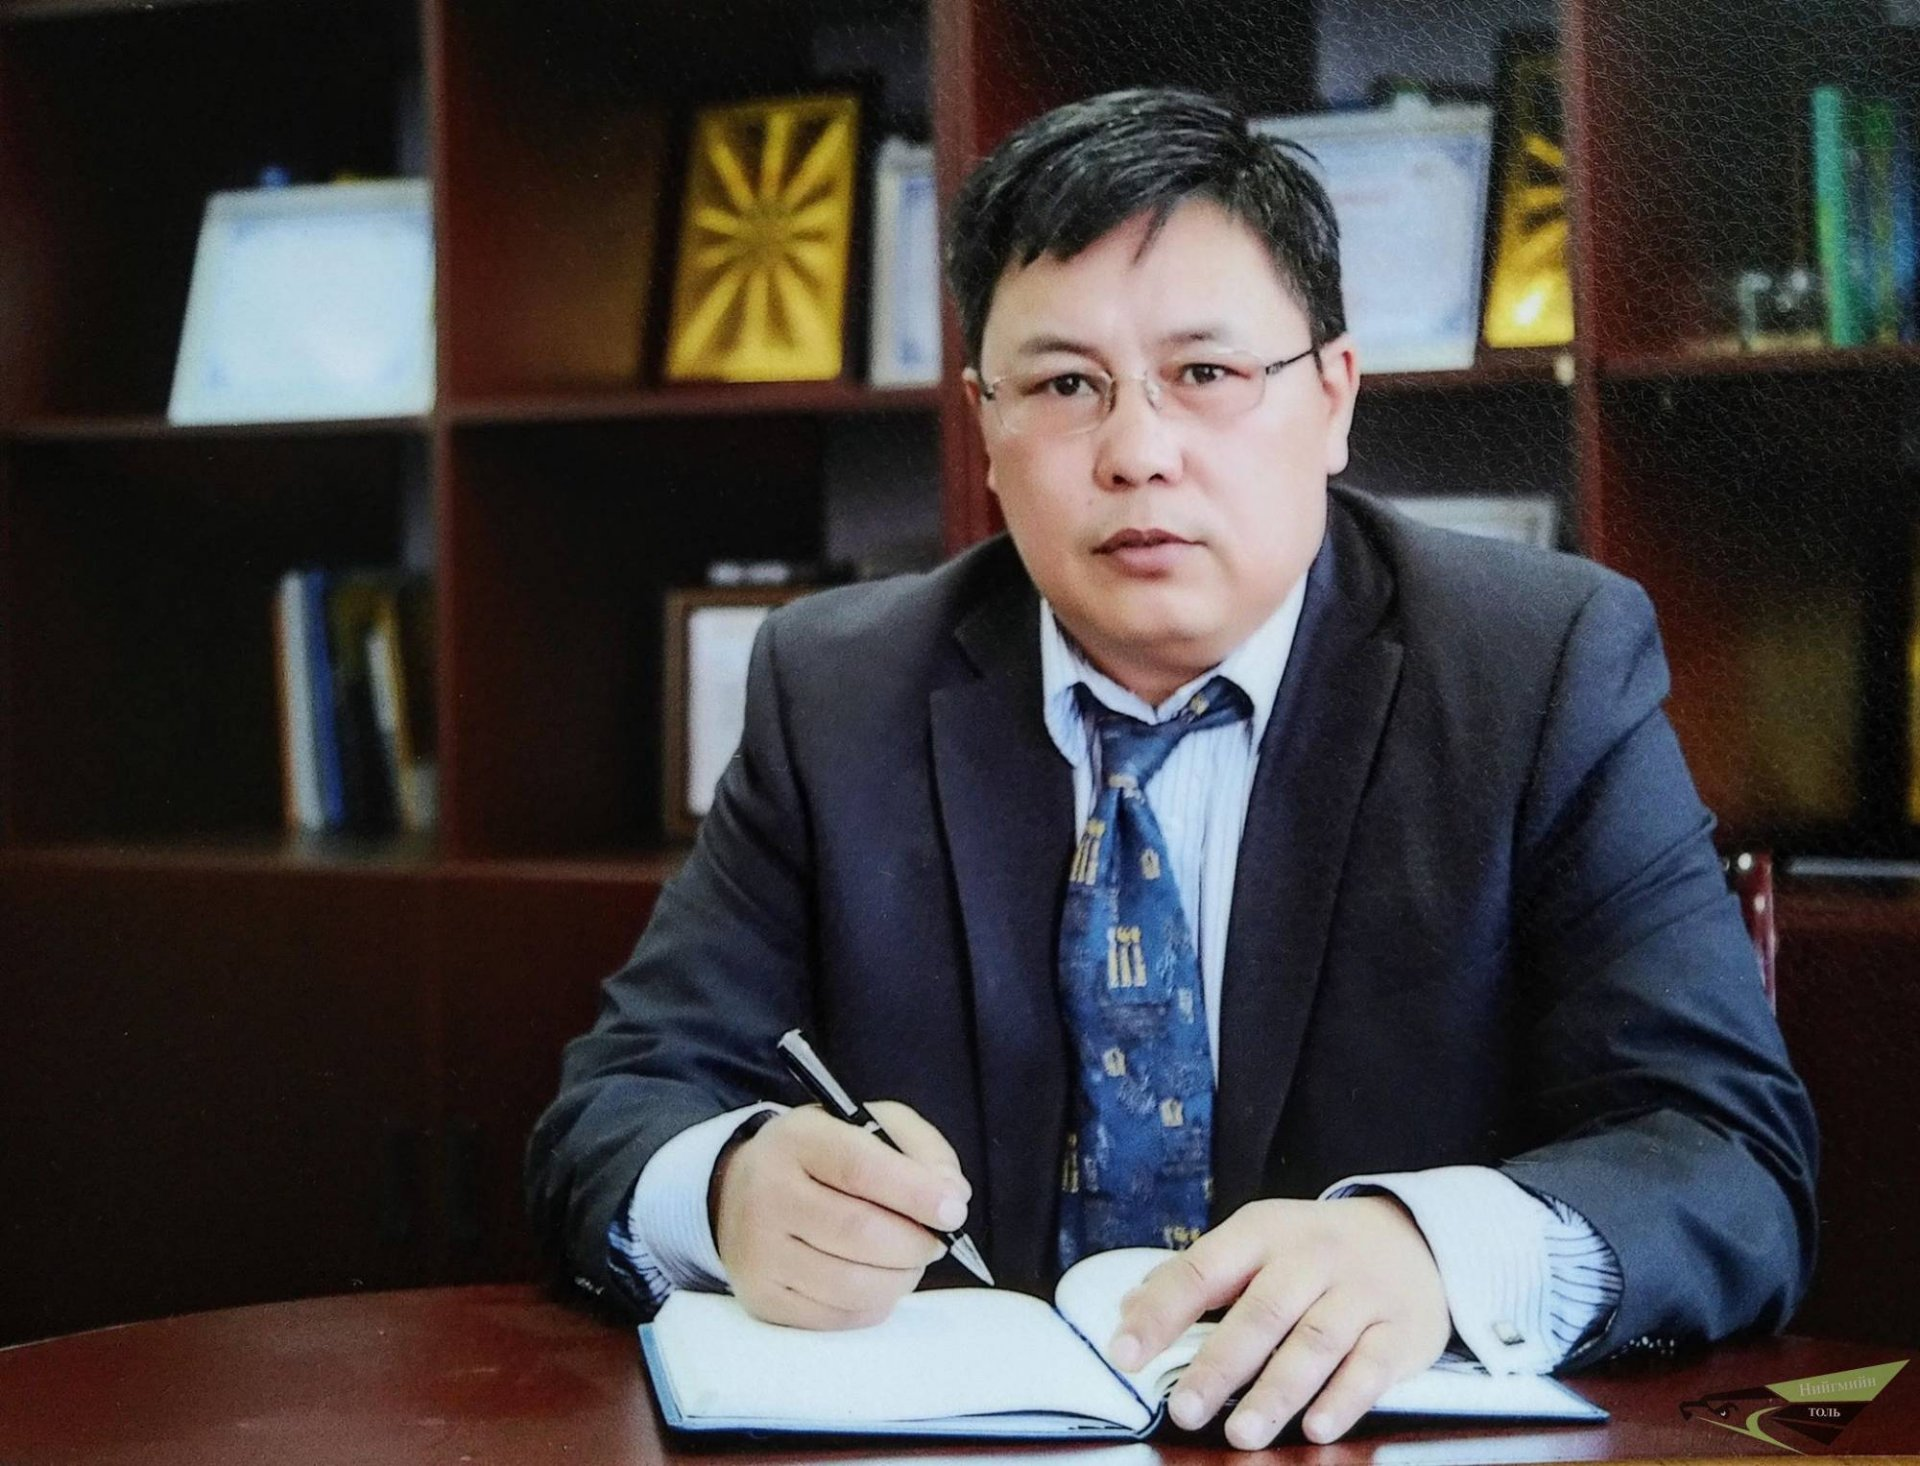 Л.Орхон: Монголын улс төрчид бусдын хоолыг булаадаг луйварчдын баг болчихсон